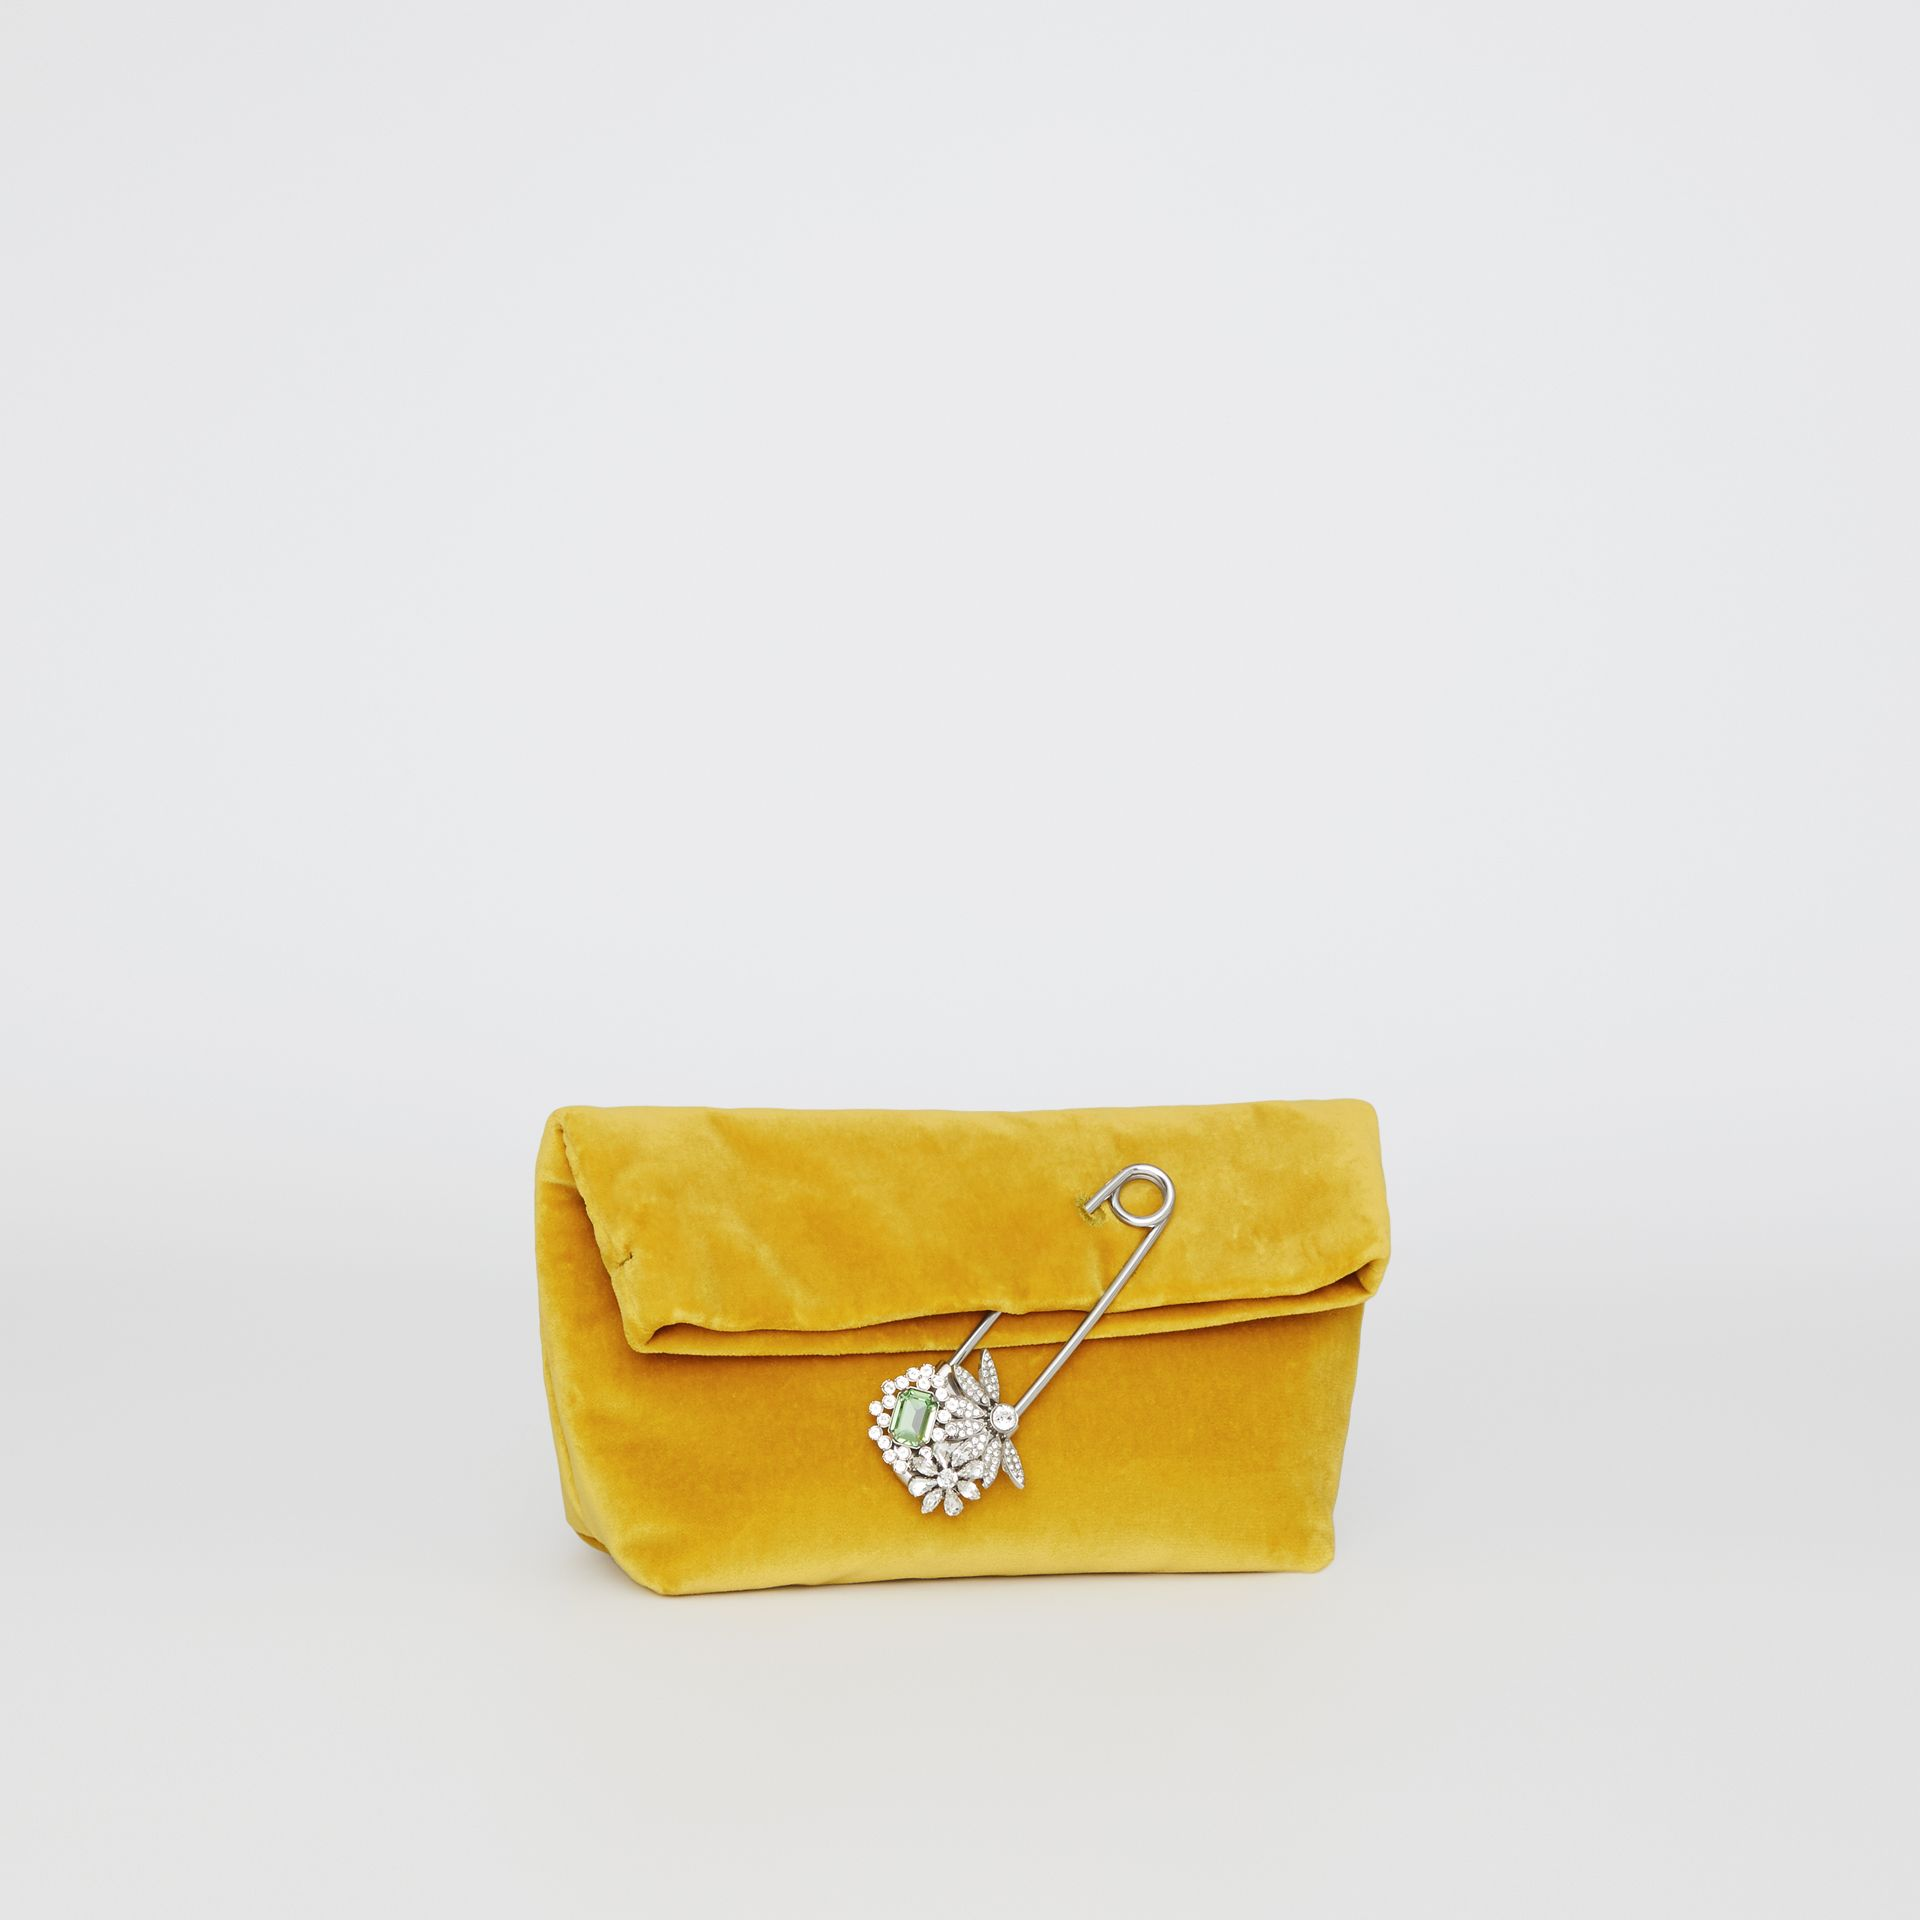 Бархатная сумка Pin Clutch, компактный размер (Желтая Лиственница) - Для женщин | Burberry - изображение 3